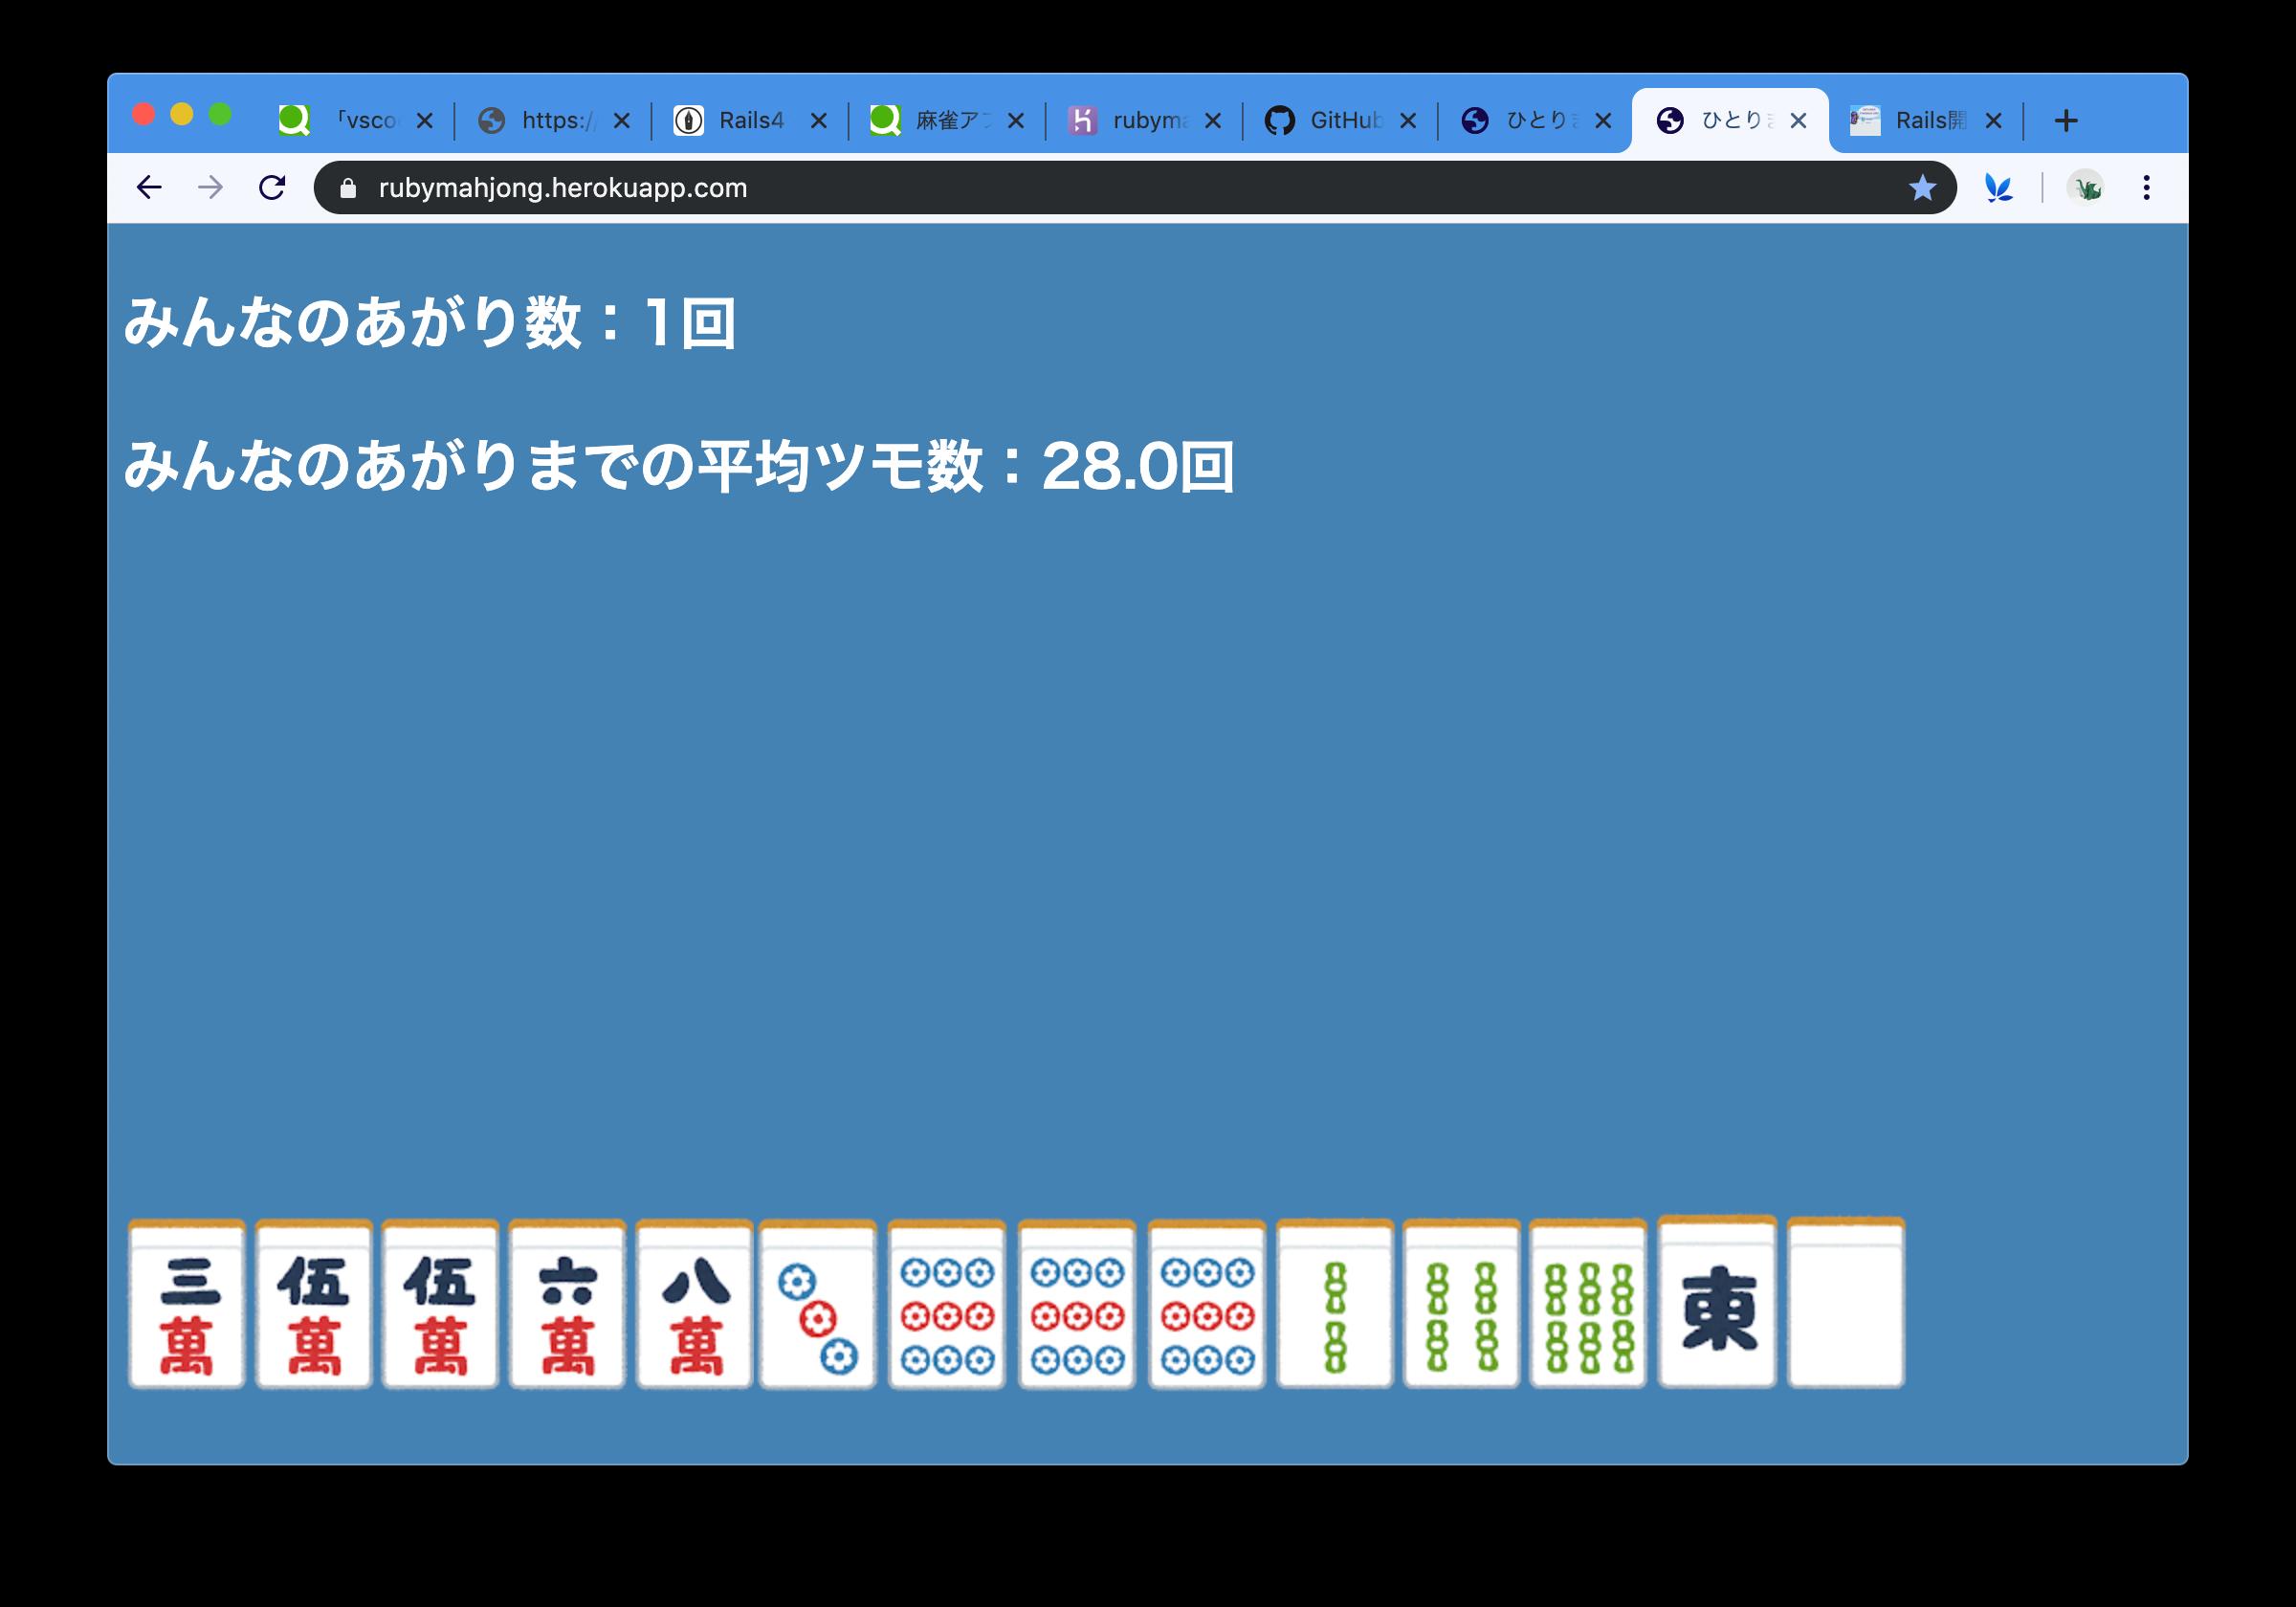 スクリーンショット 2019-08-04 23.24.49.png